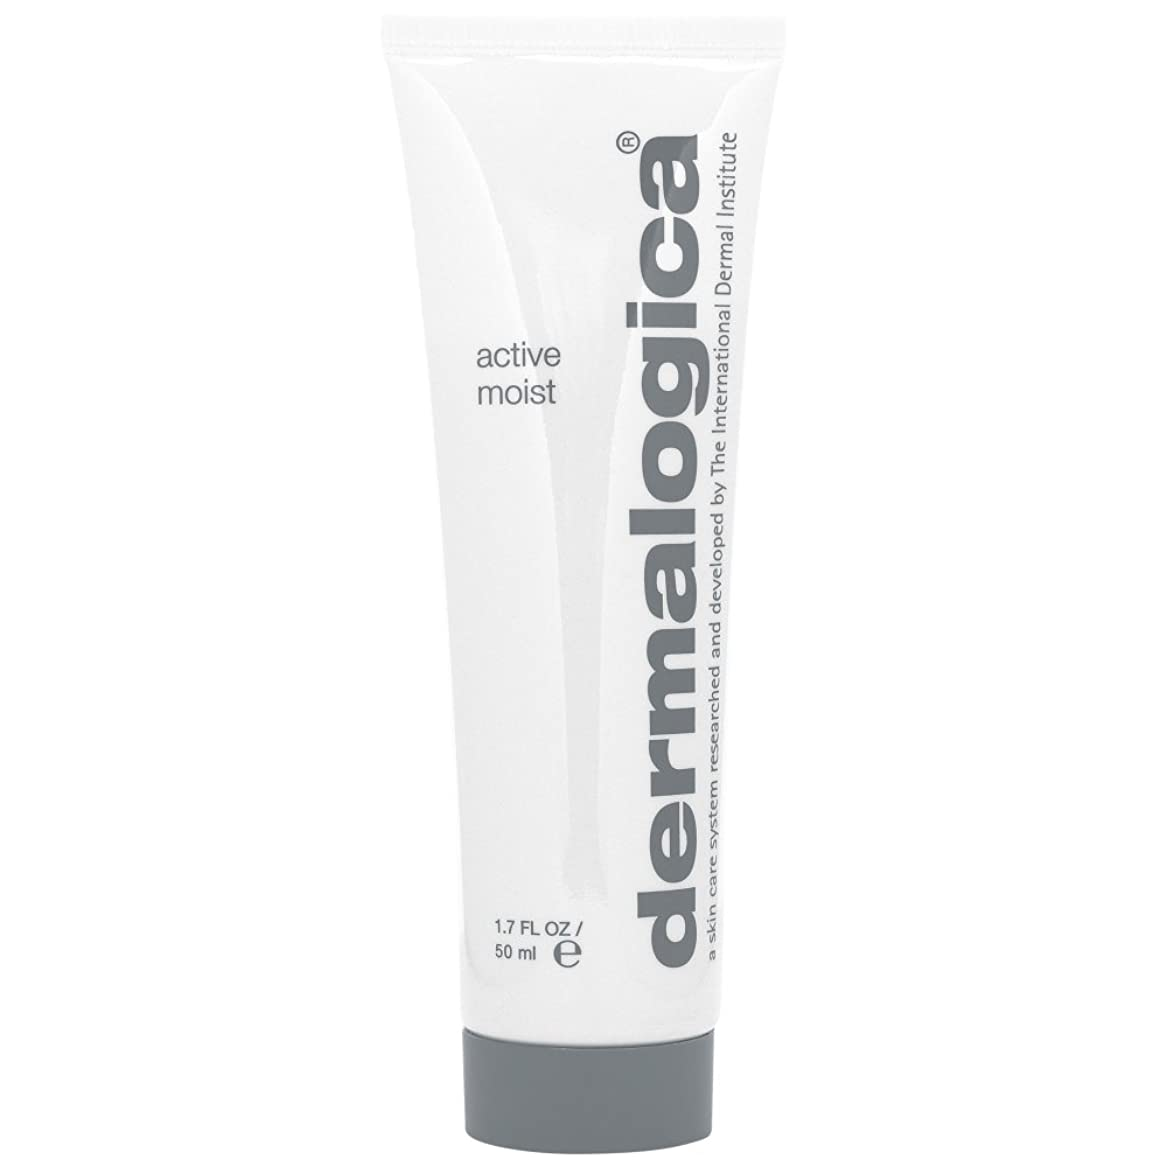 耳正しく不完全ダーマロジカアクティブ湿った顔の保湿剤の50ミリリットル (Dermalogica) (x2) - Dermalogica Active Moist Facial Moisturiser 50ml (Pack of 2) [並行輸入品]